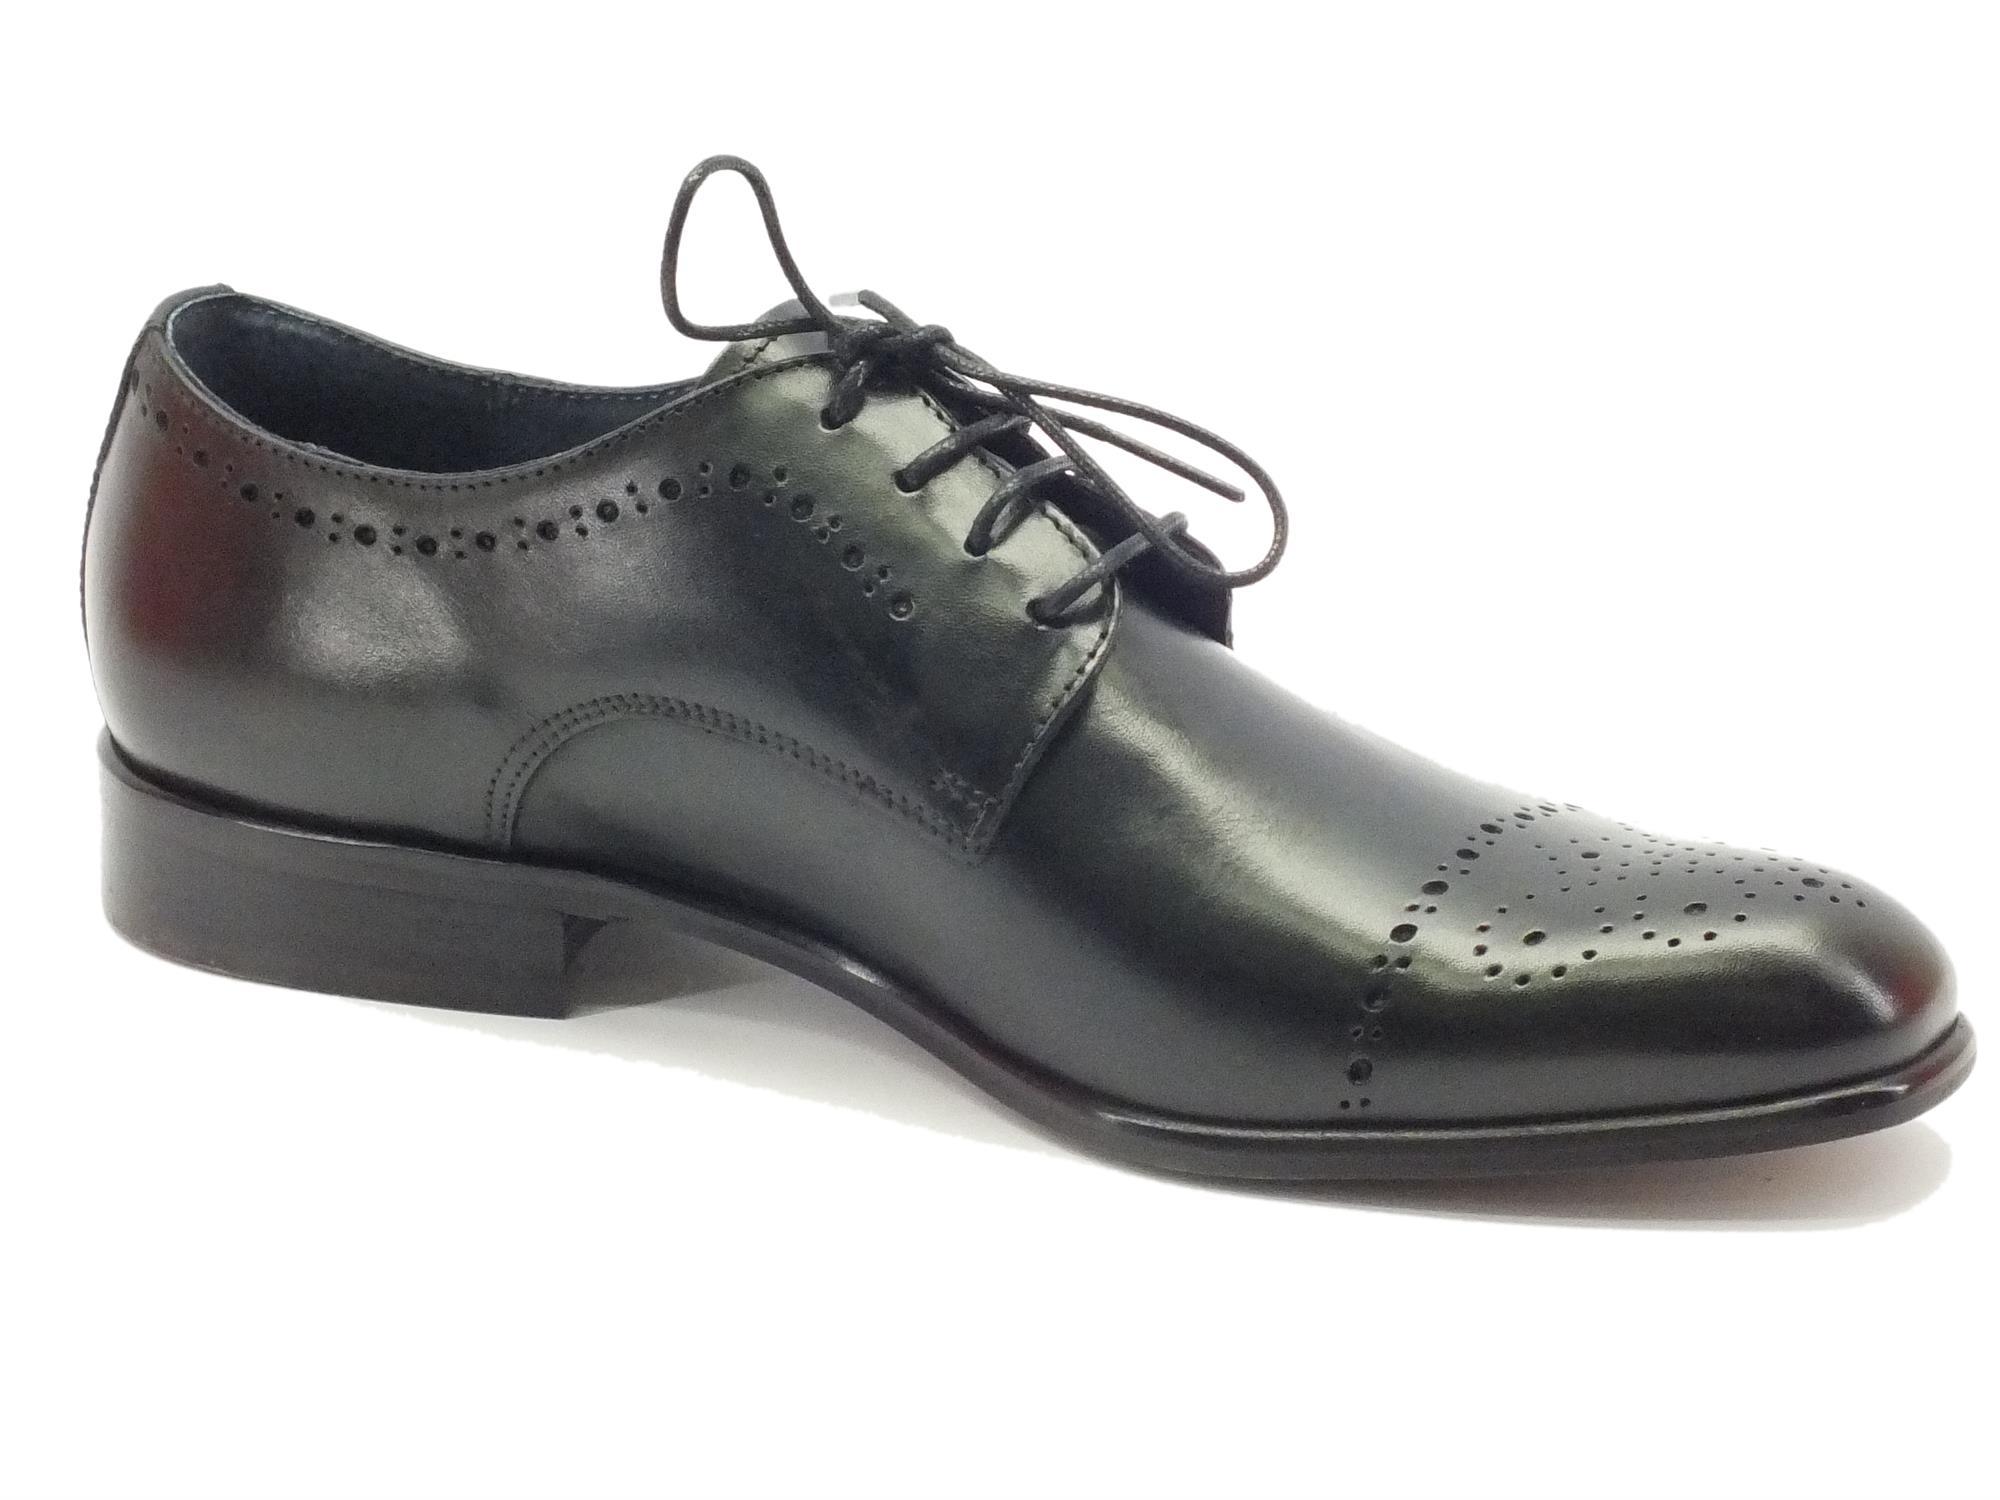 Scarpe classiche da uomo NicolaBenson pelle nera - Vitiello Calzature 0039774ab58